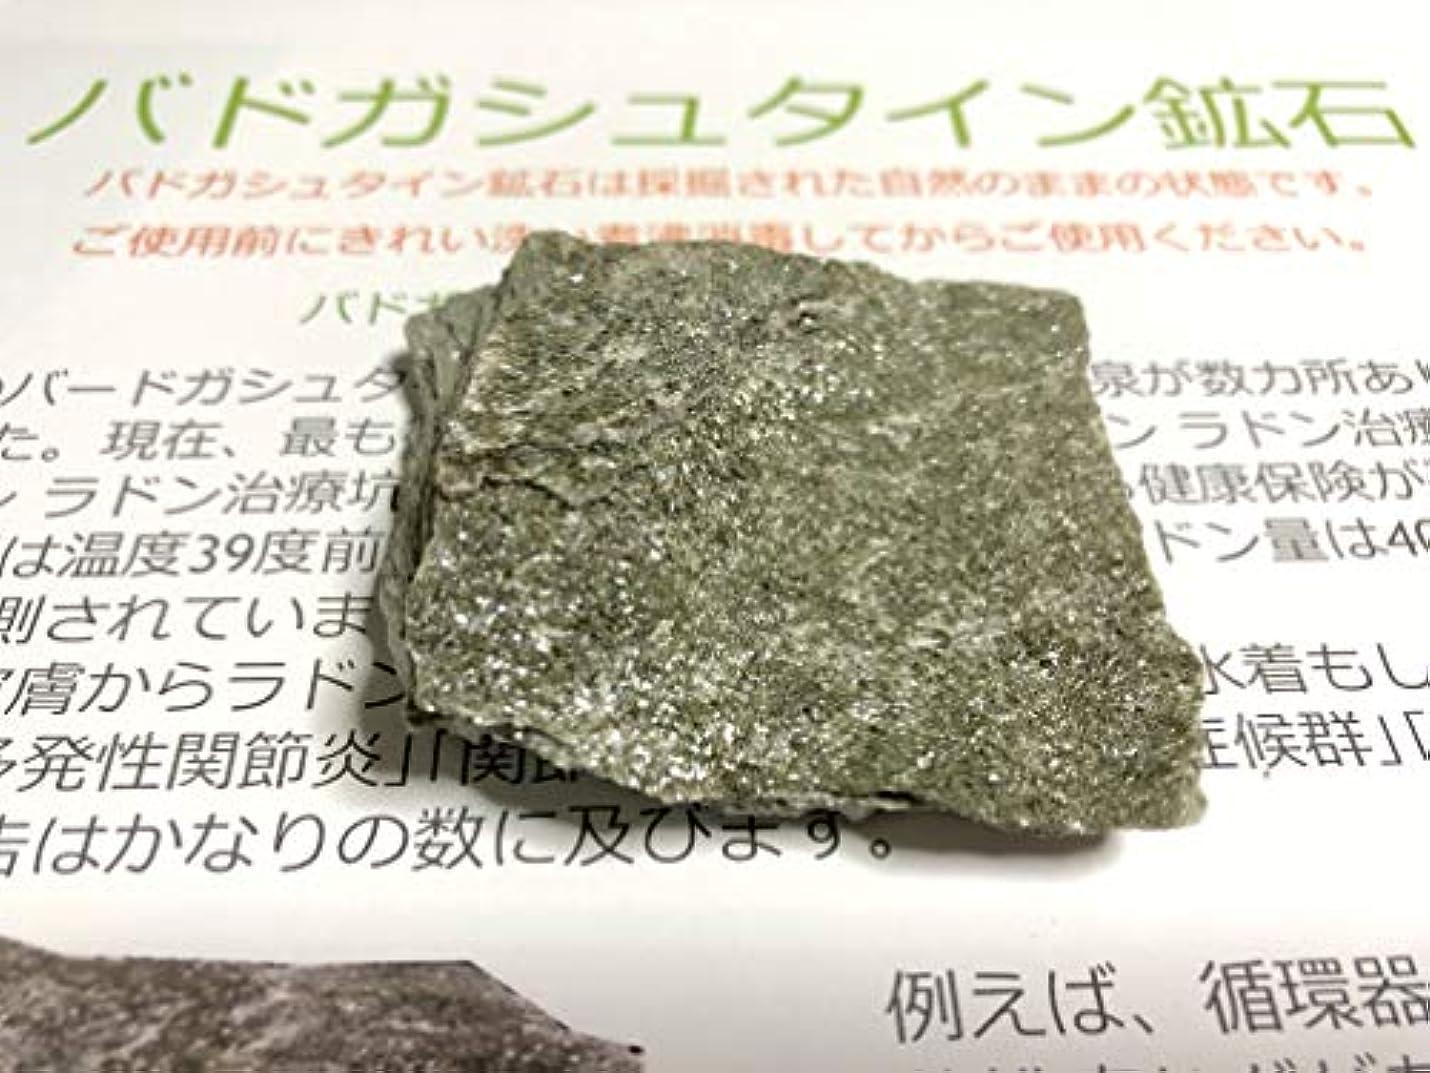 フラグラント揺れるスキニーバドガシュタイン鉱石 クラス2 約0.4~1μSV/h未満 (約500g詰め)